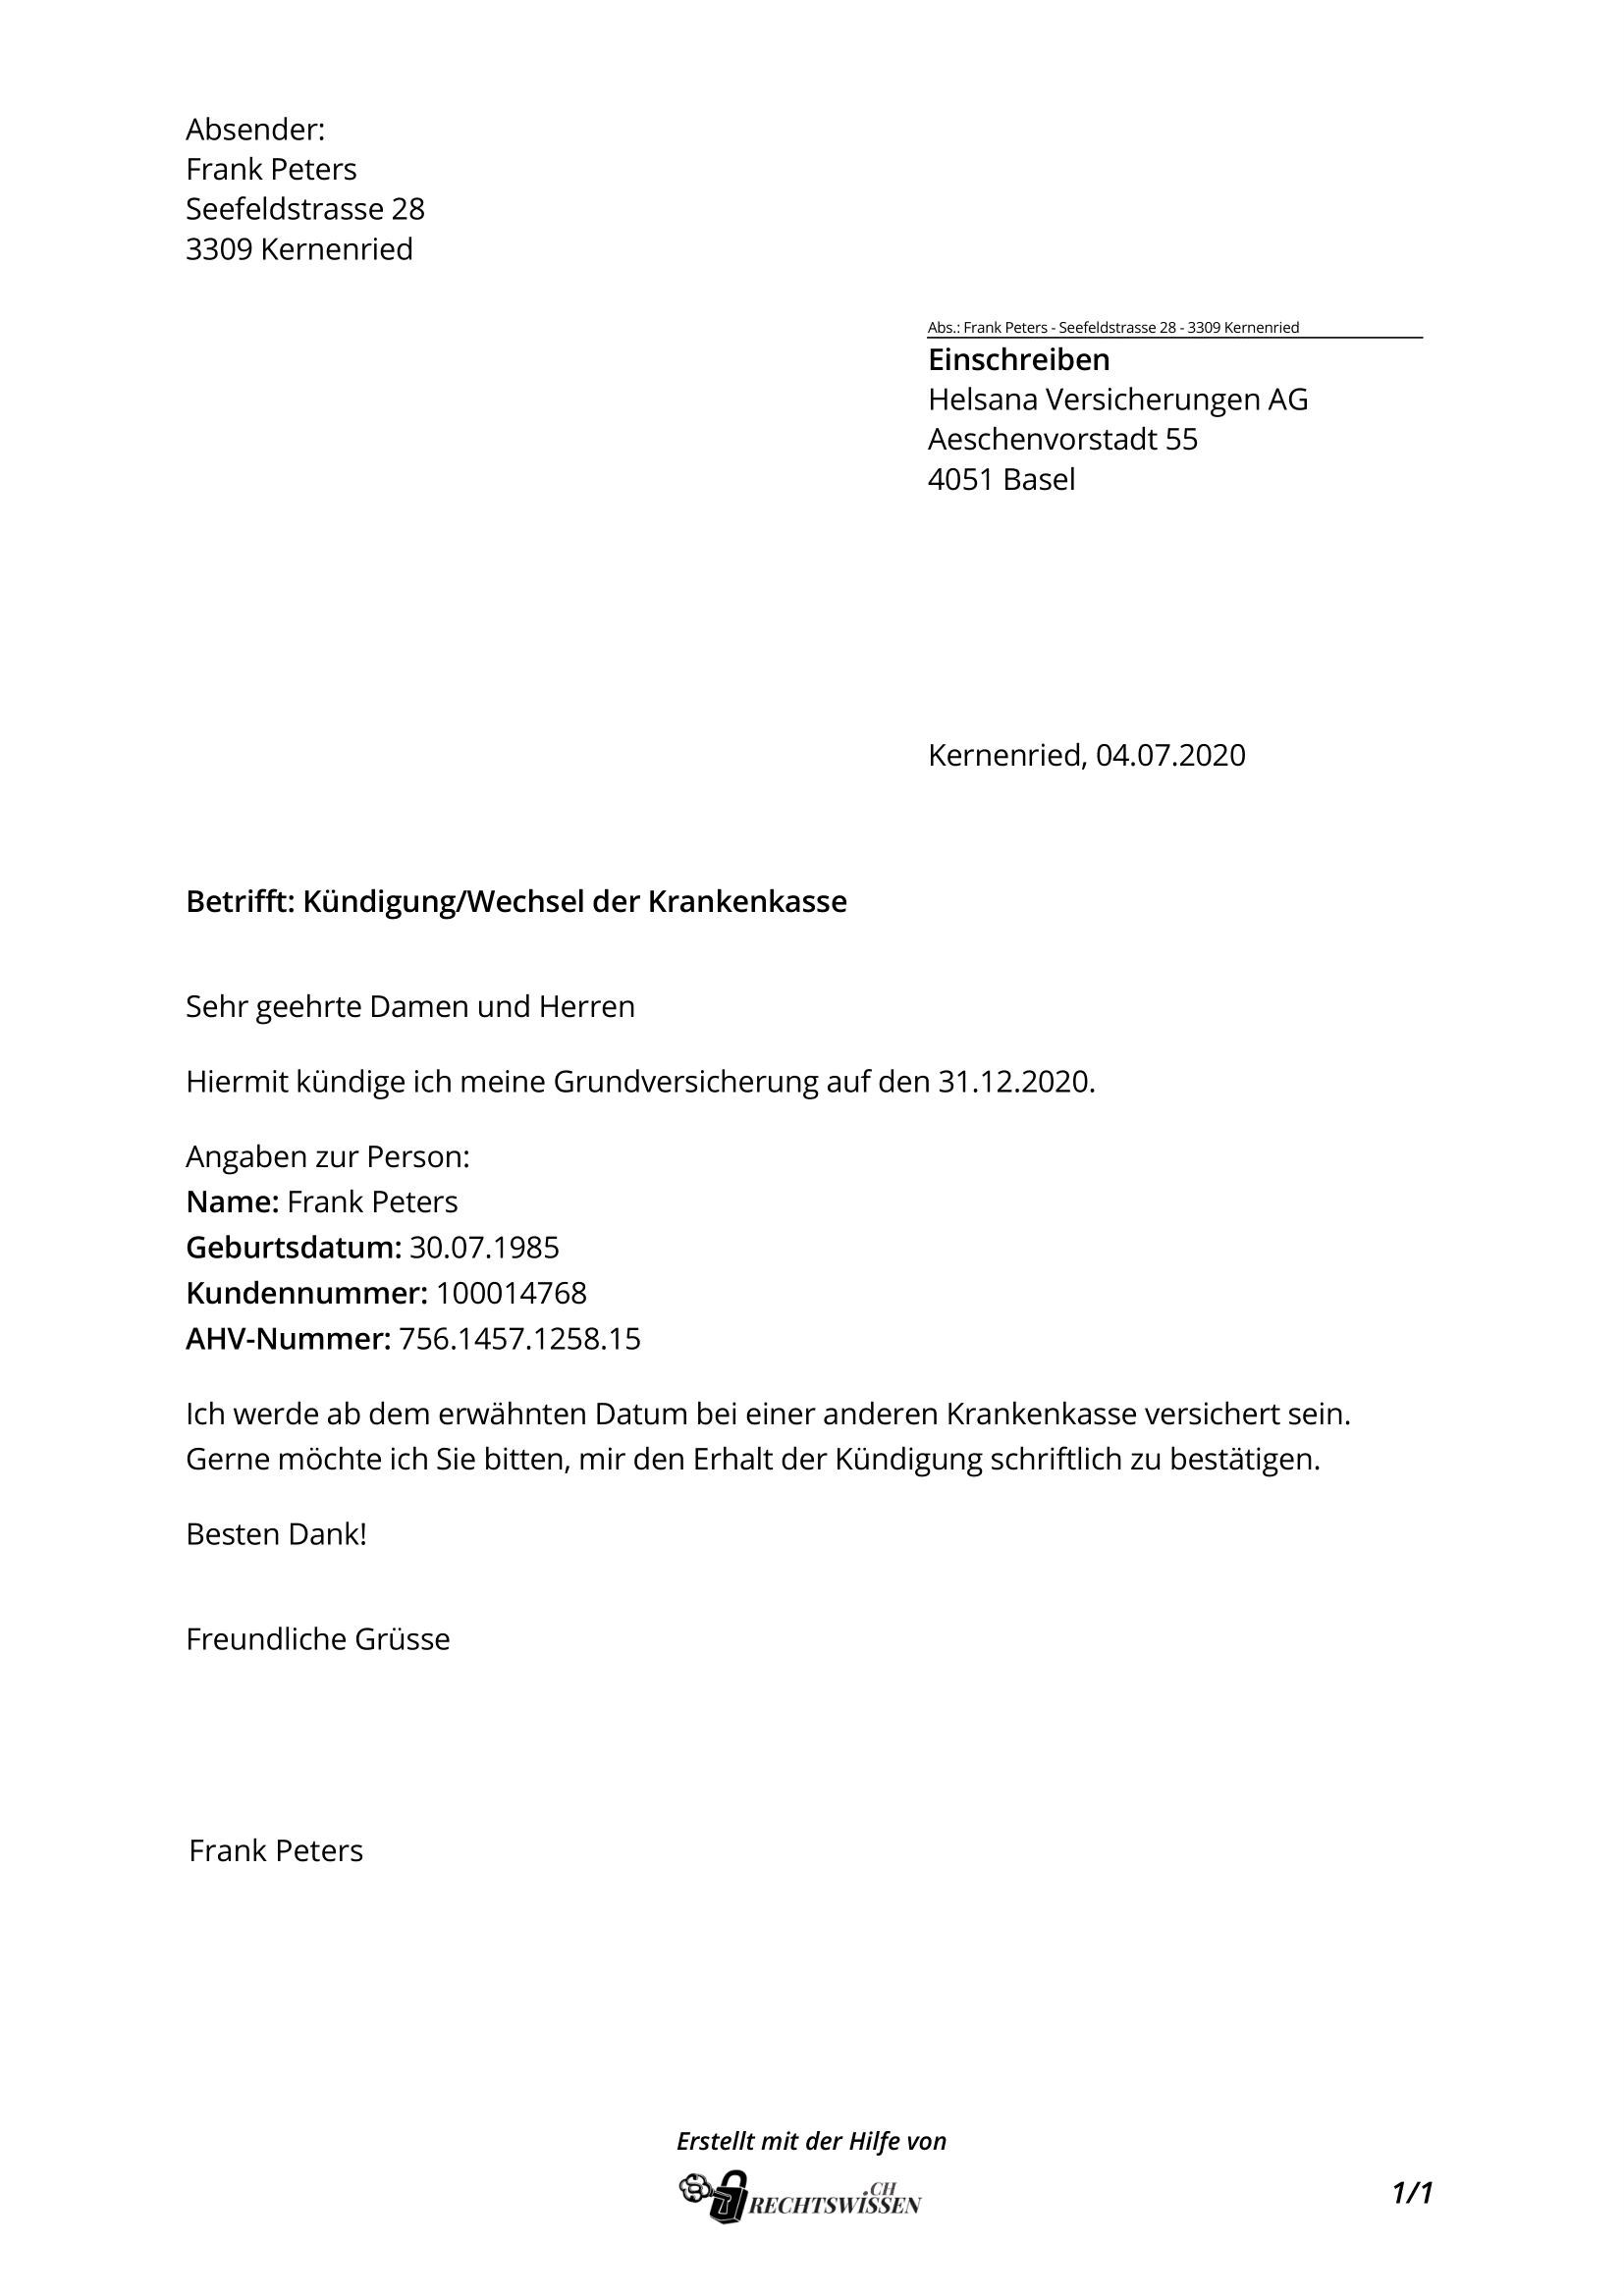 Kundigung Krankenkasse Vorlage Gratis Word Vorlage Vorla Ch 5